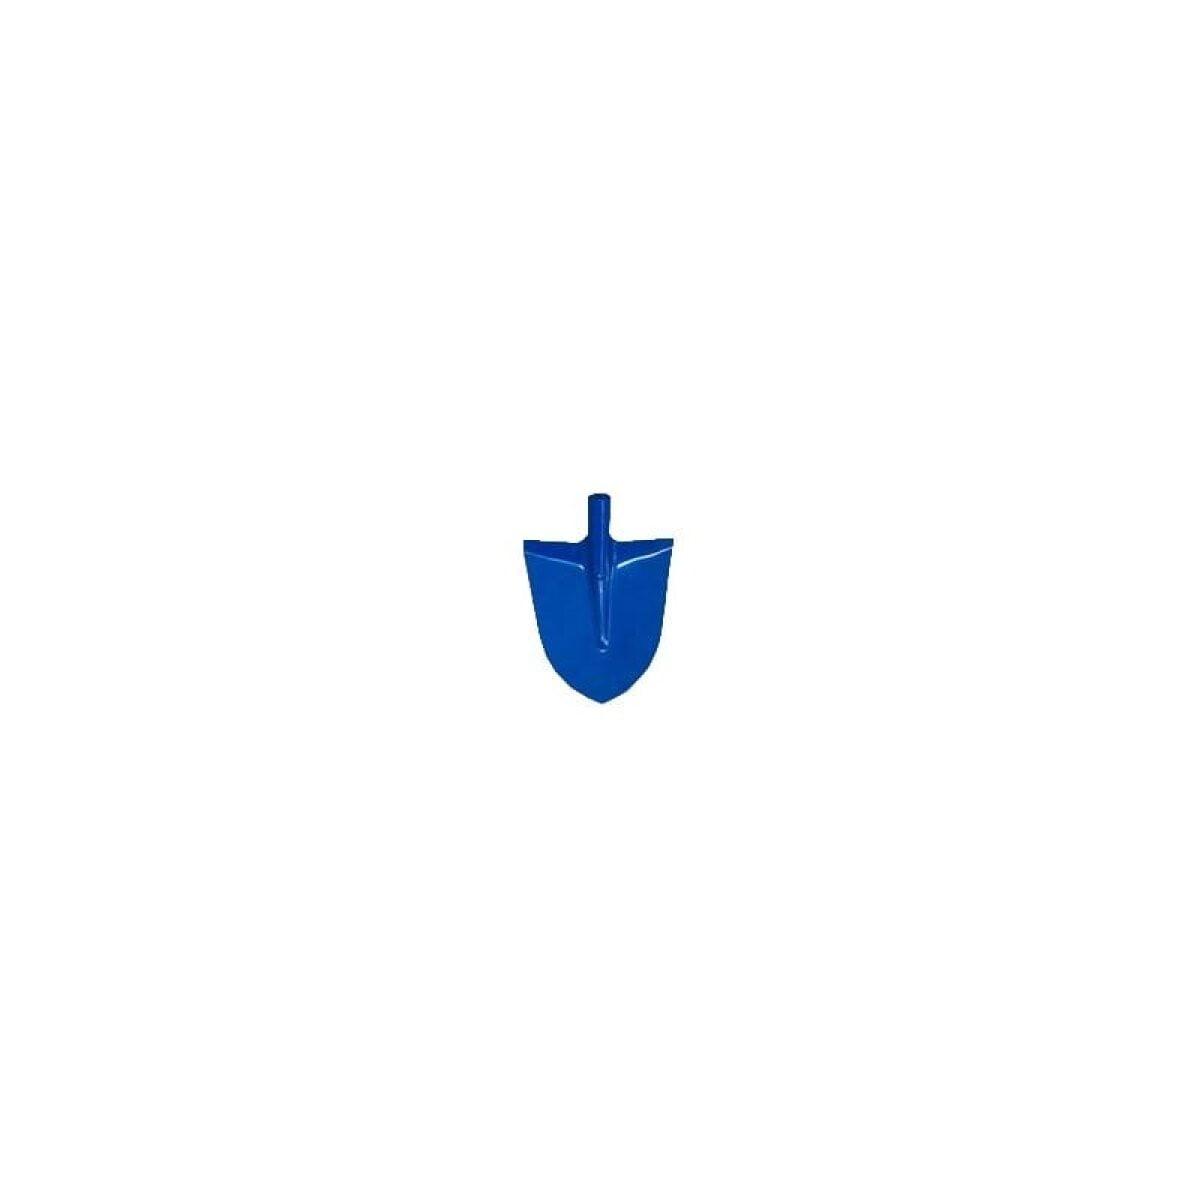 lopata rotunda cu varf s513 285x295 mm padure gardina.ro 89